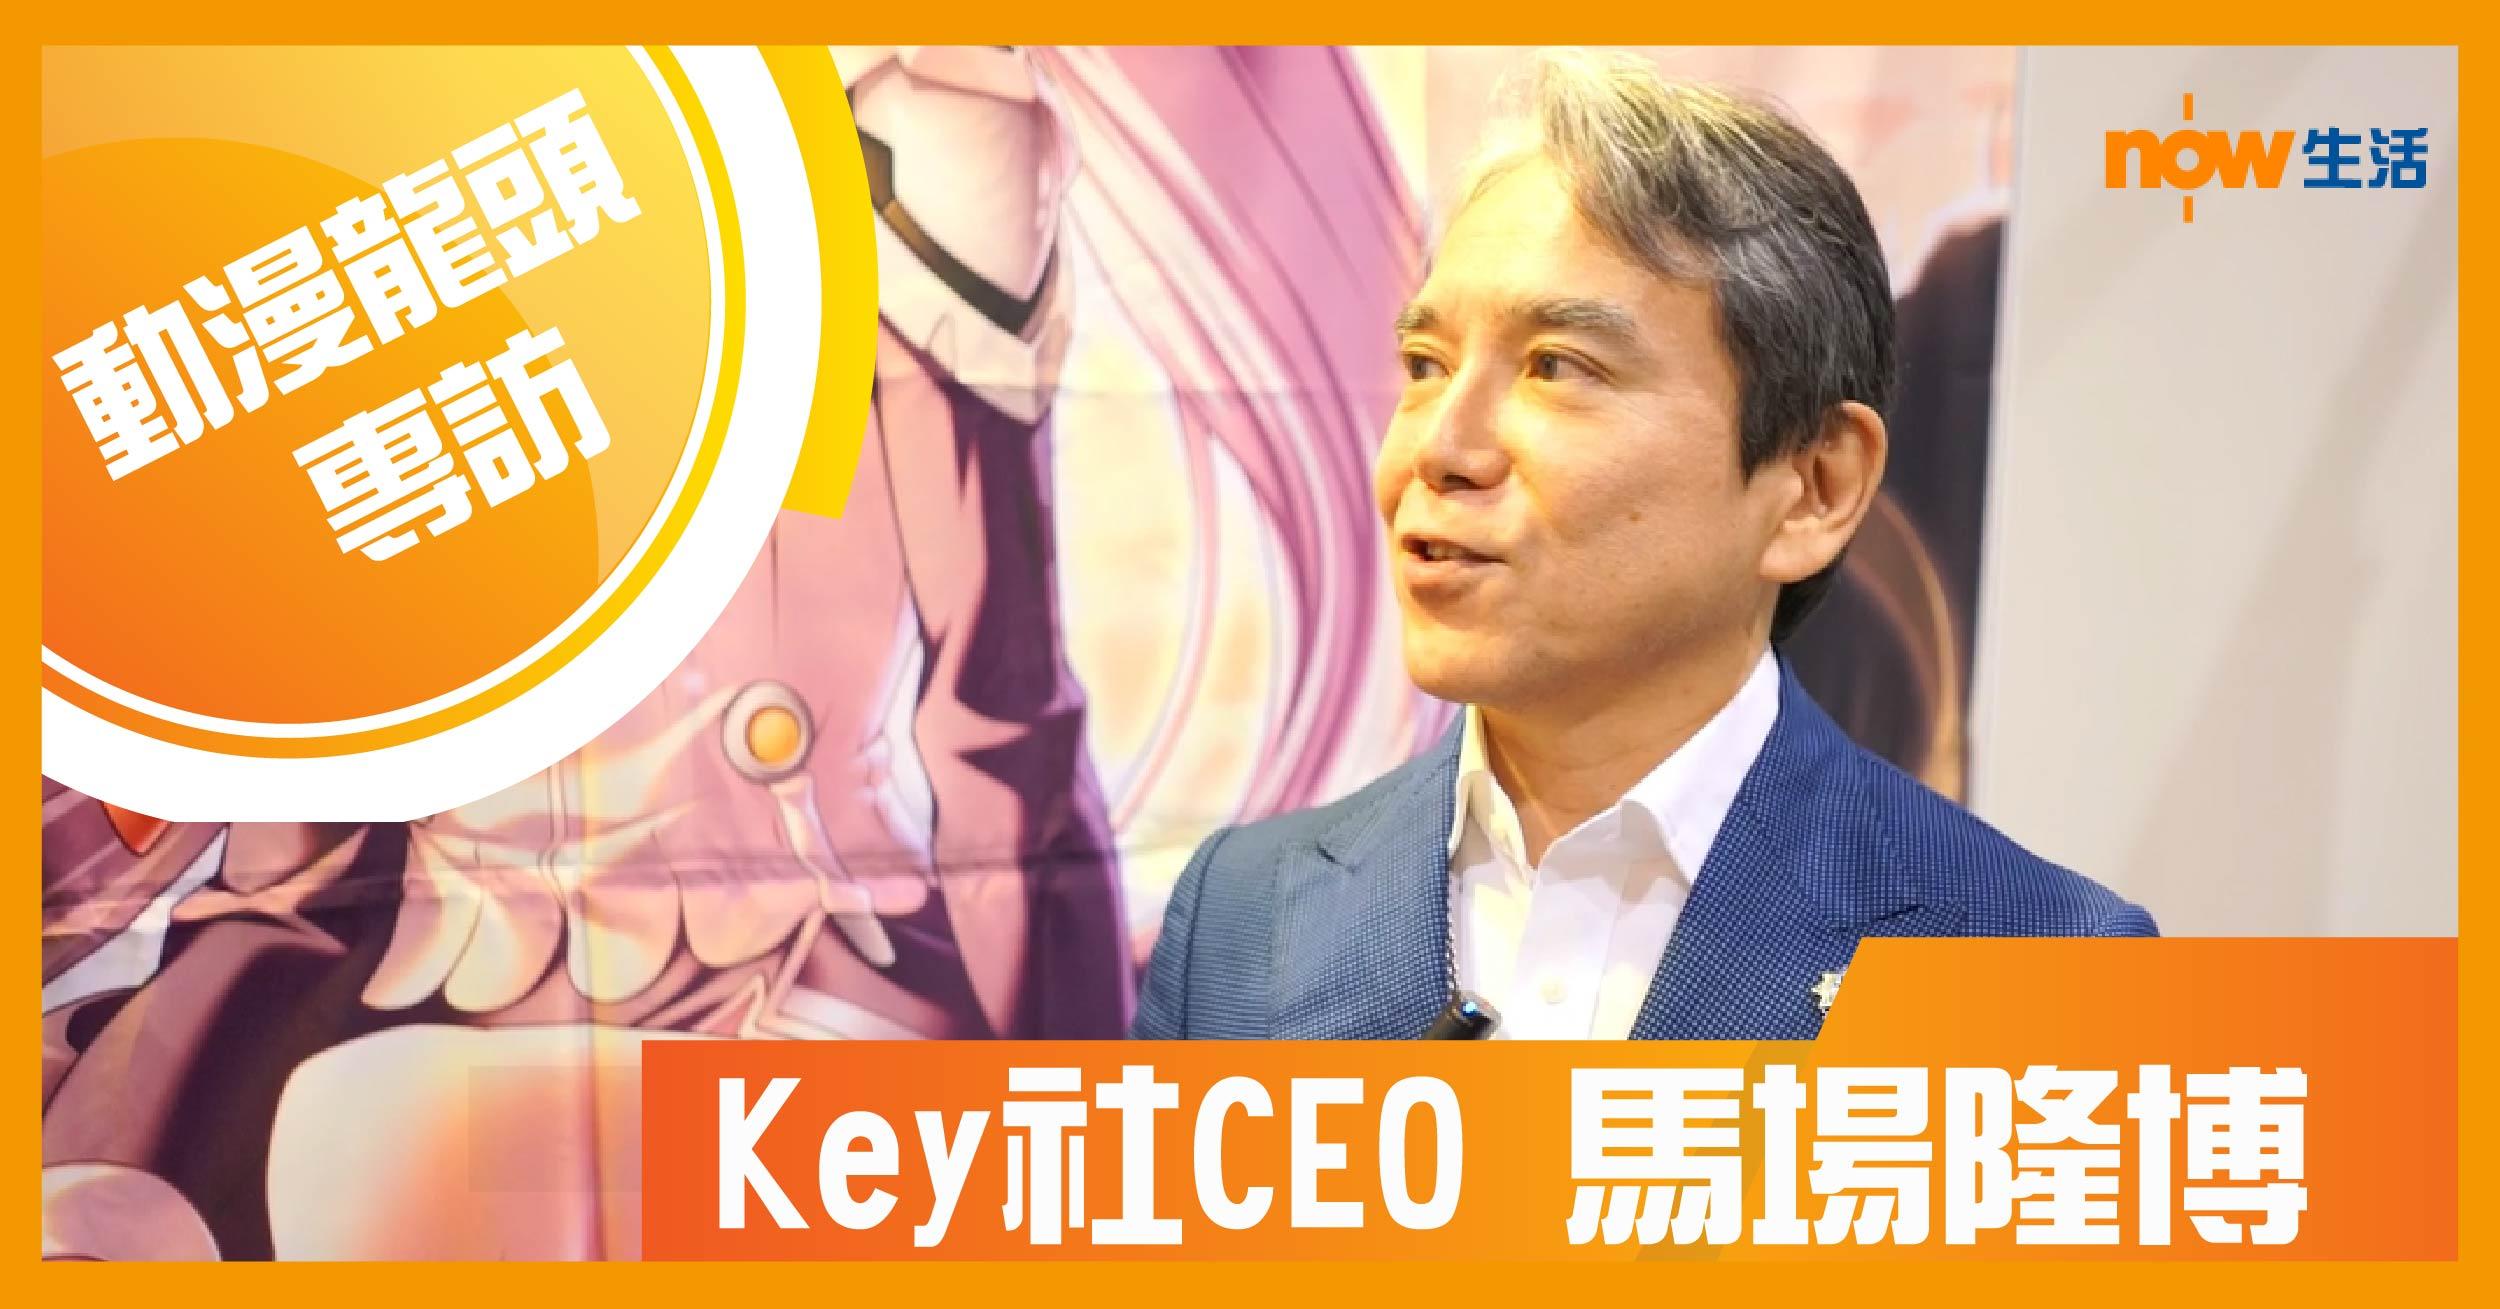 【重量級專訪】動漫界龍頭 Key社CEO馬場隆博